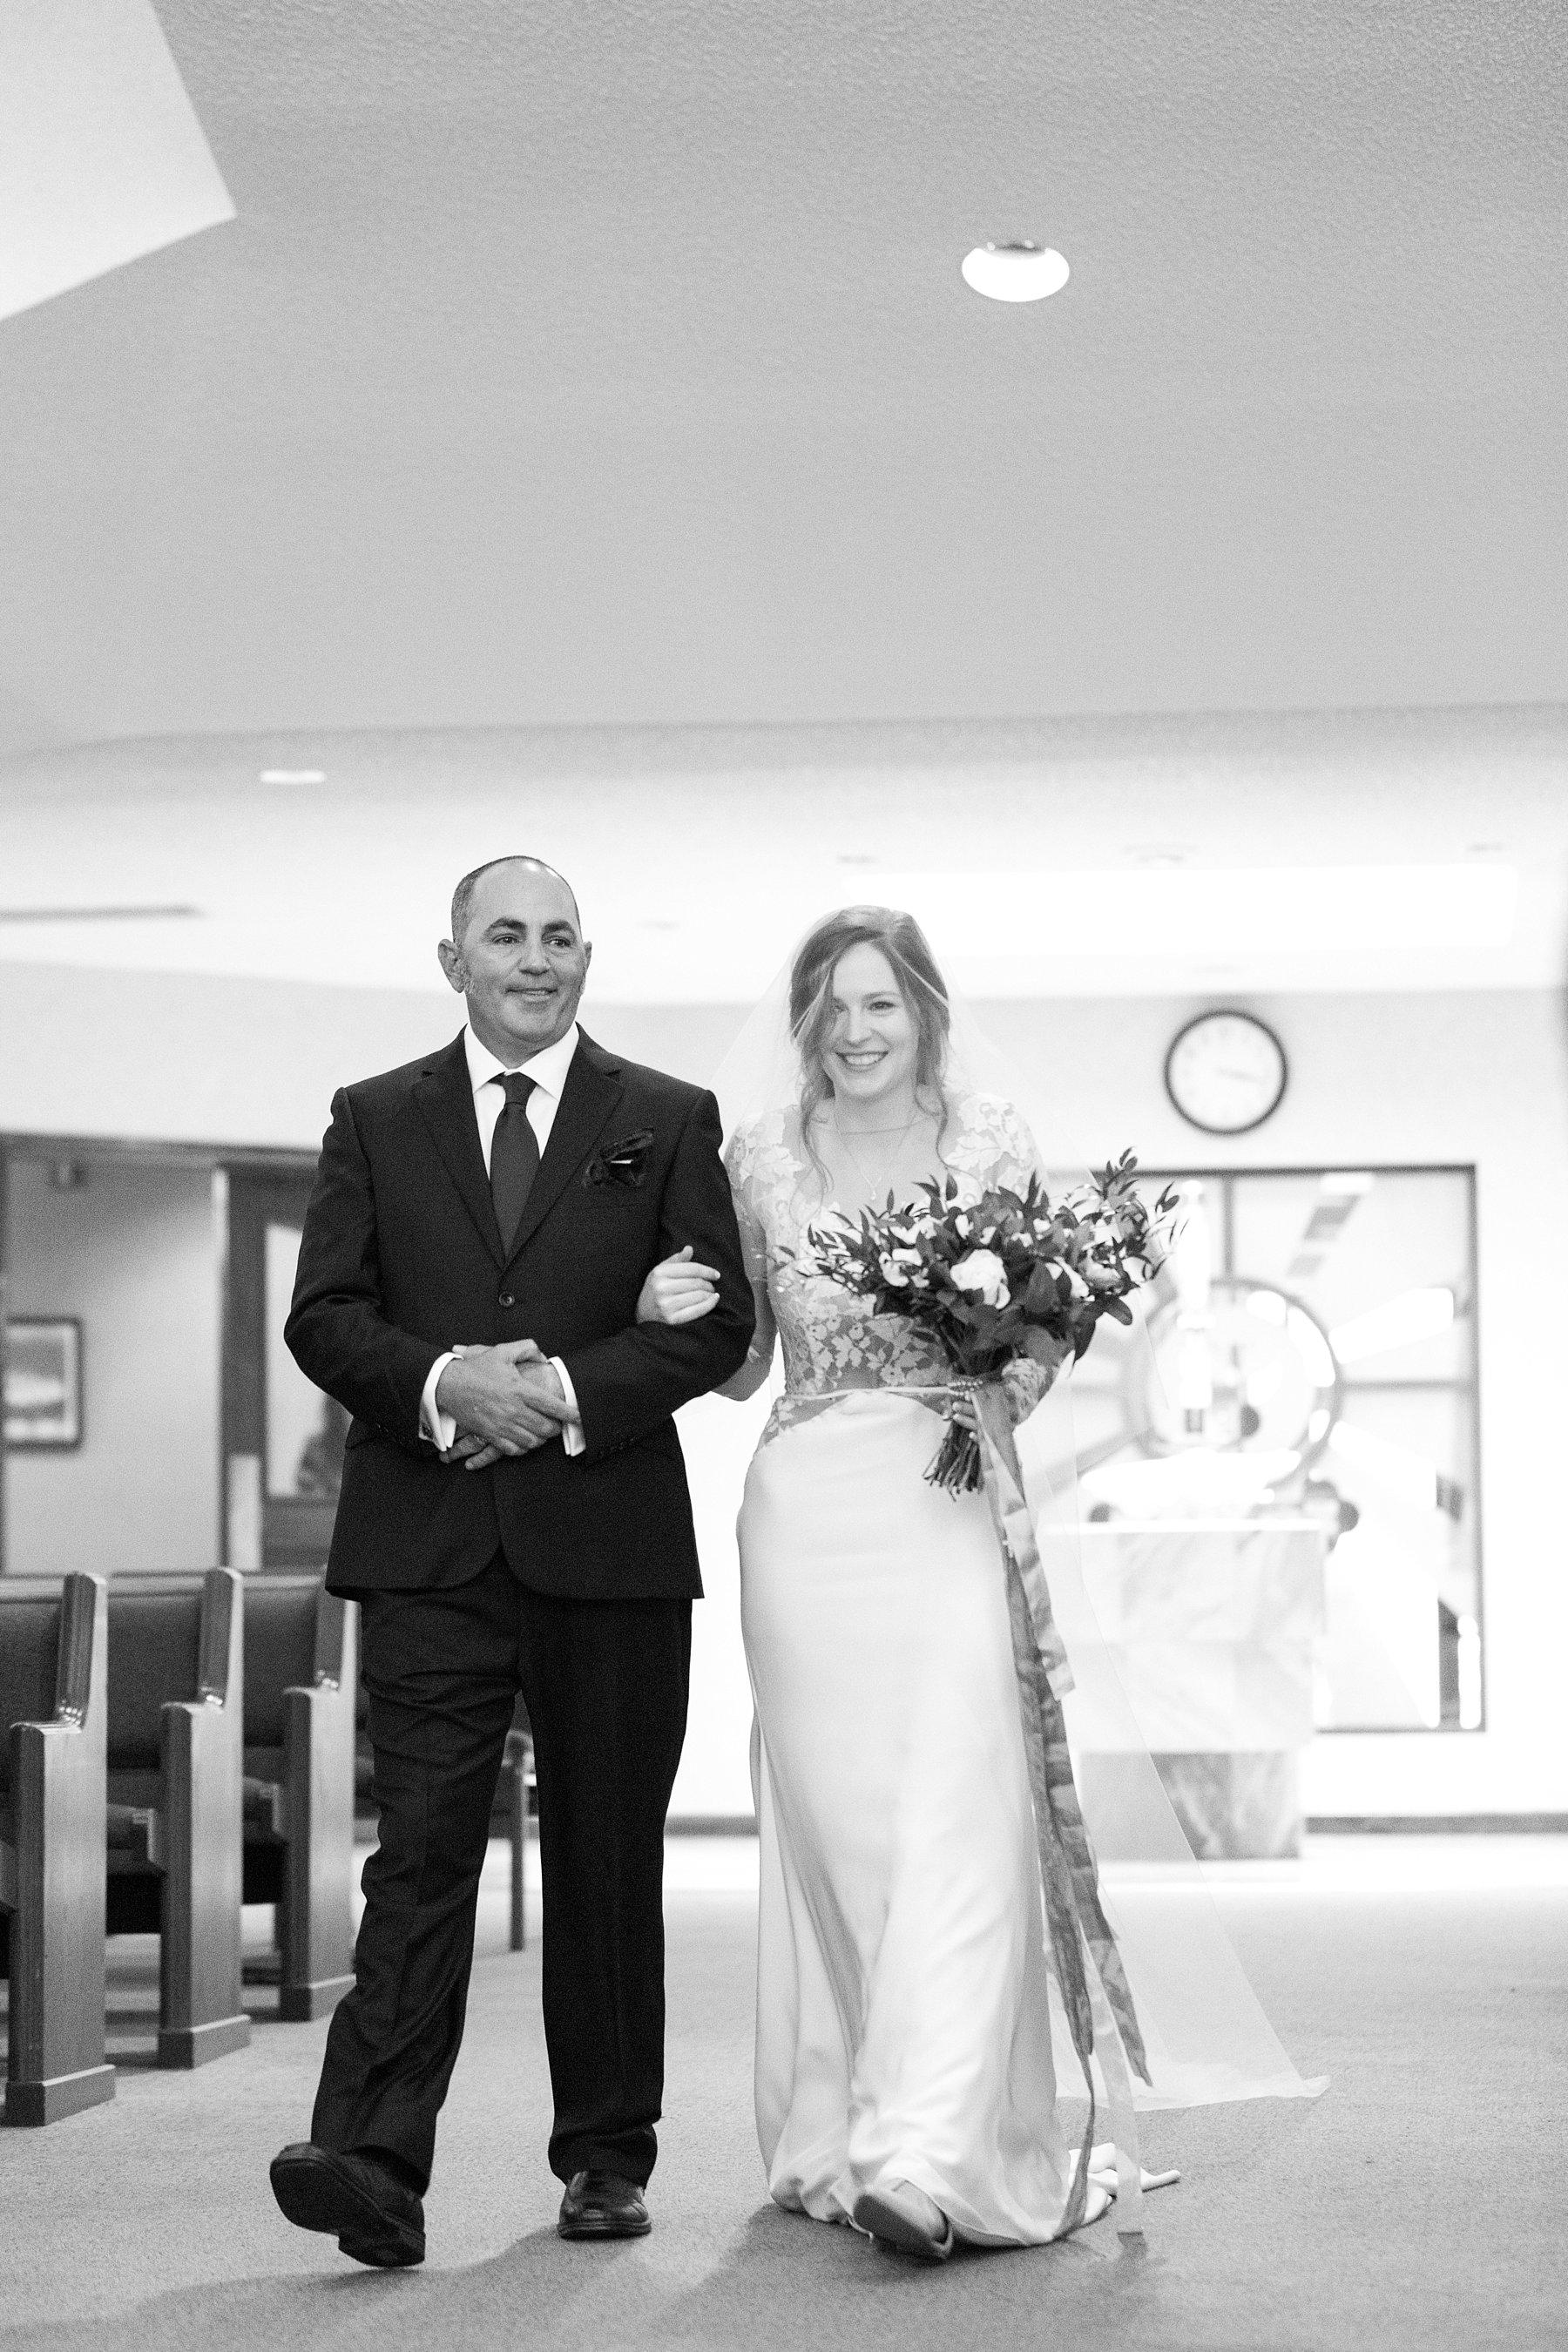 Casa Marina Wedding - Bri Cibene PhotographyBri Cibene Photography